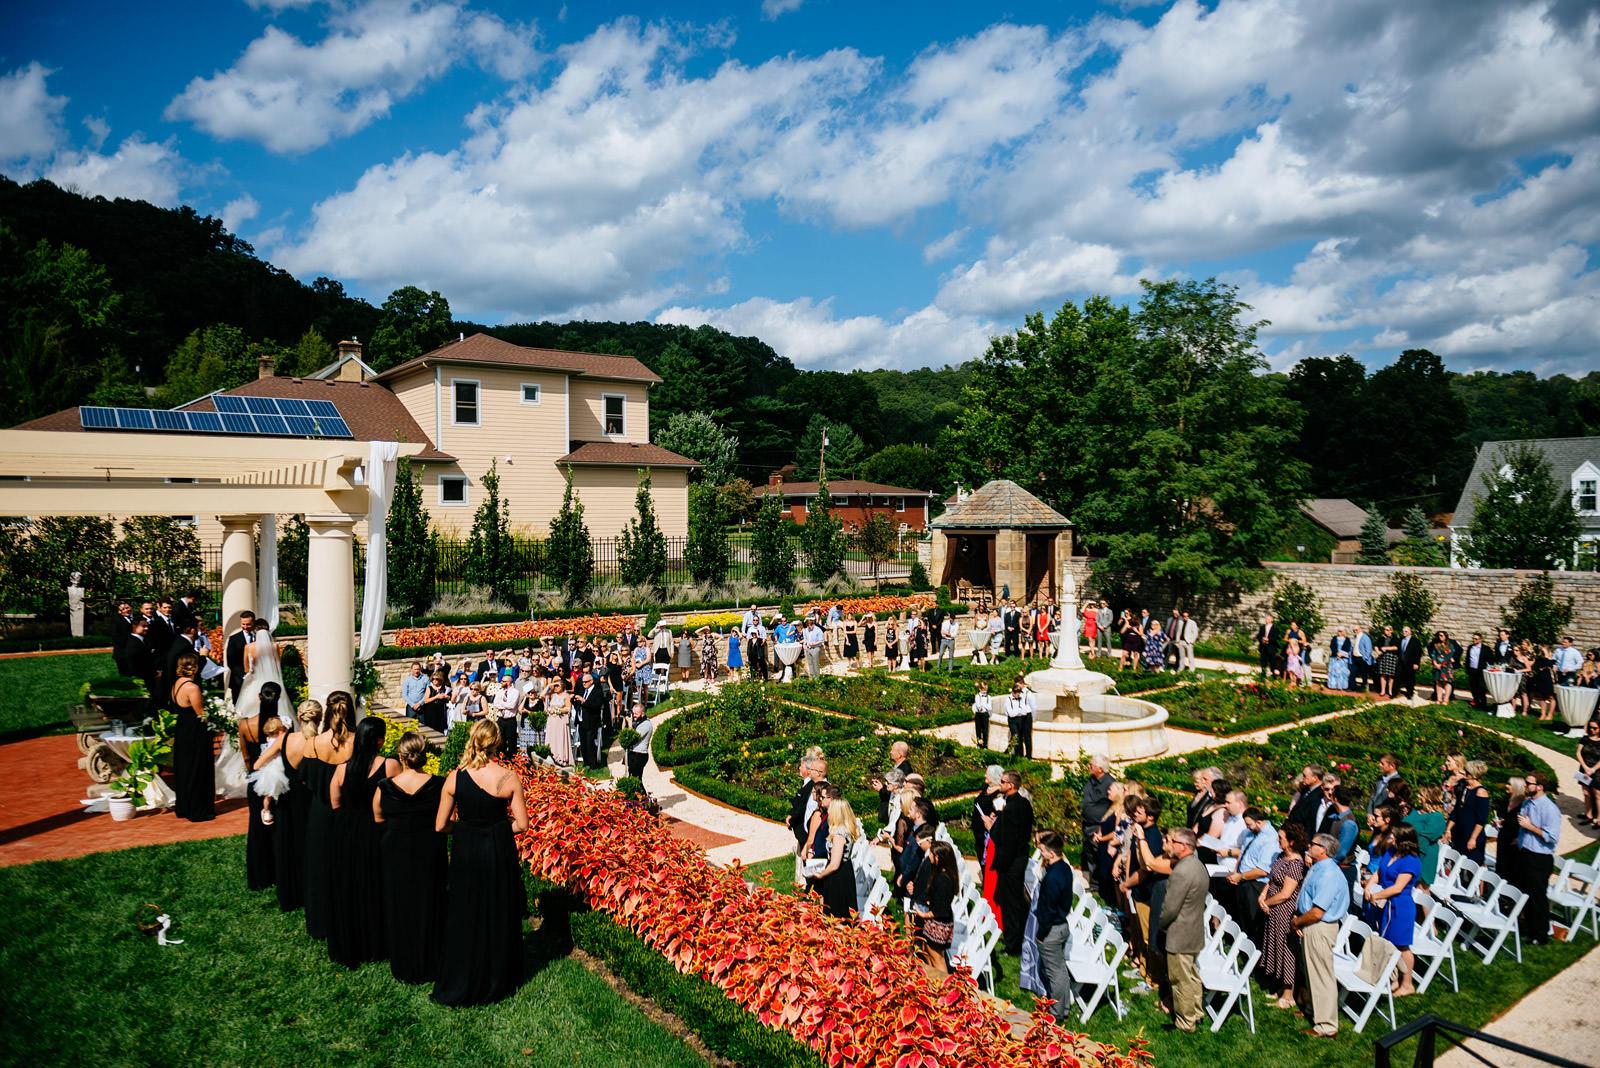 zenner house wedding ceremony athens ohio